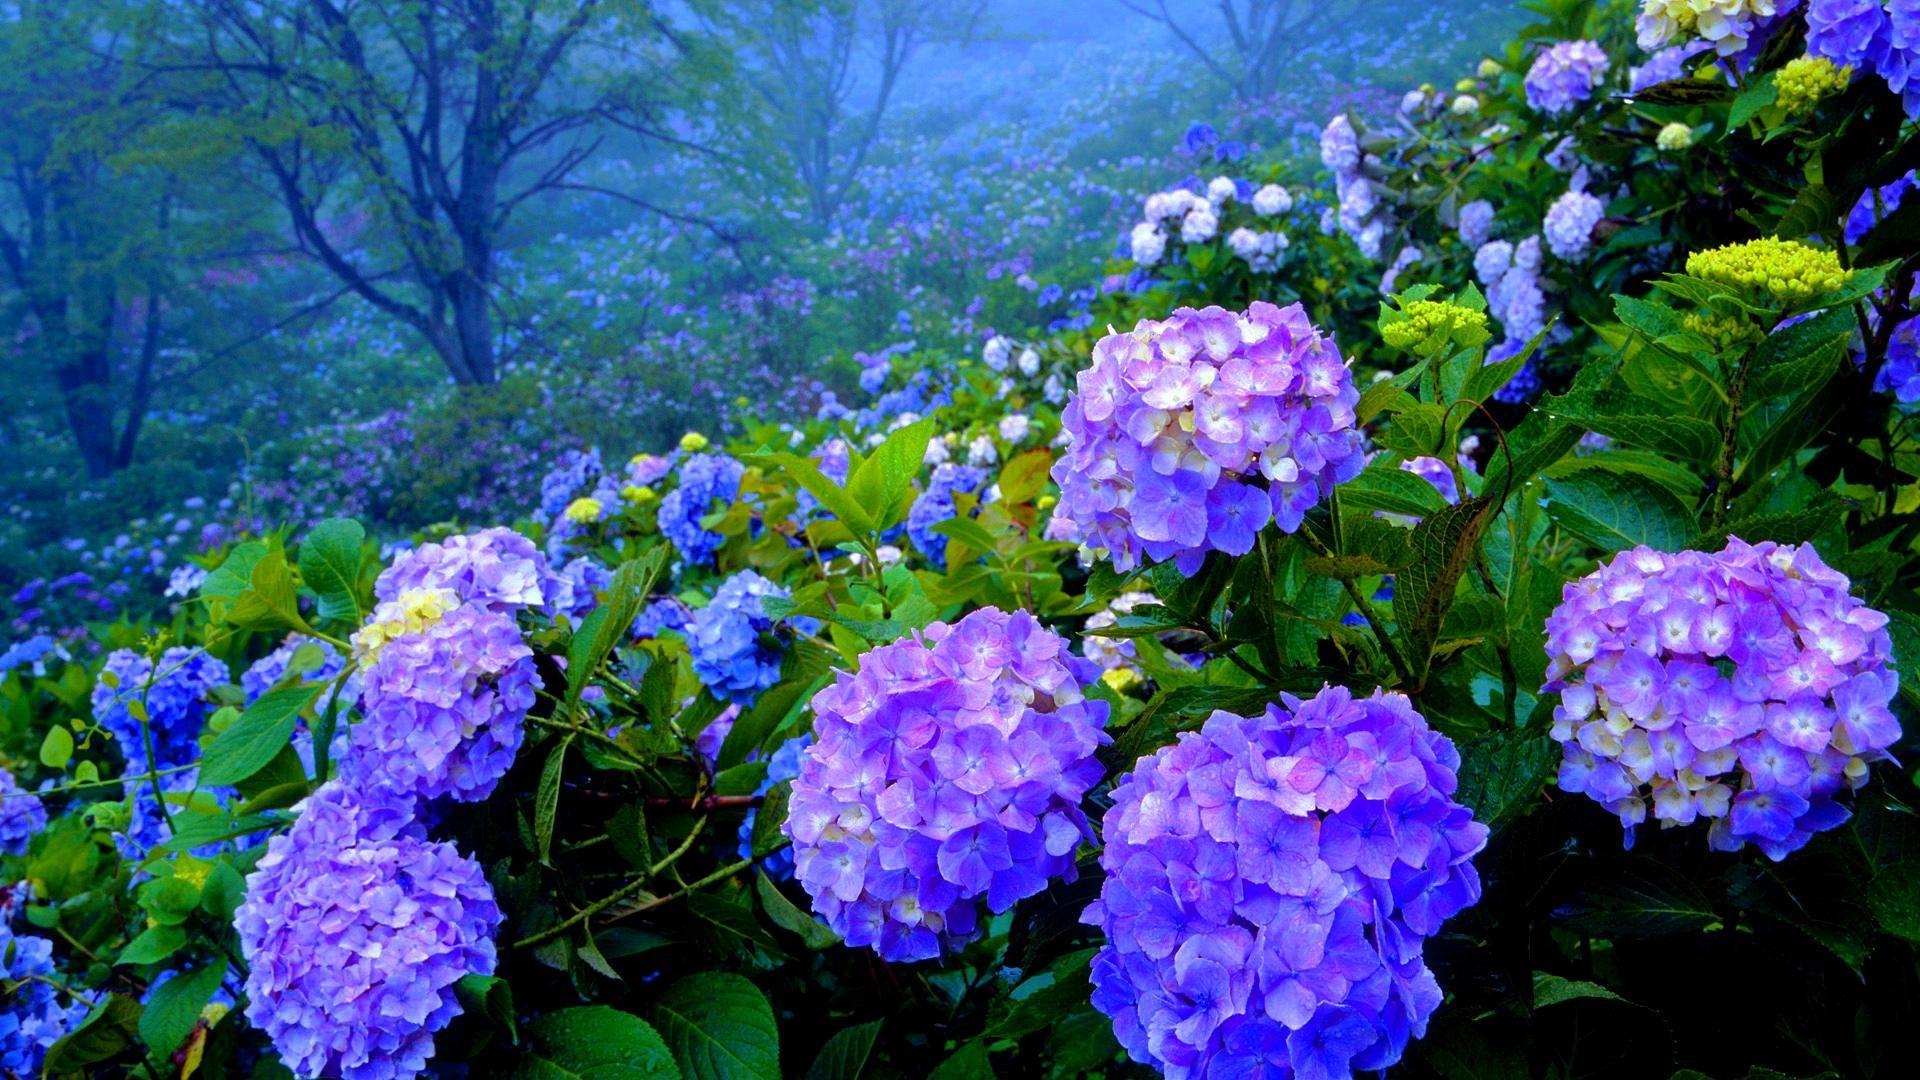 Hd Hydrangea Garden Wallpaper Growing Hydrangeas Hydrangea Garden Planting Hydrangeas